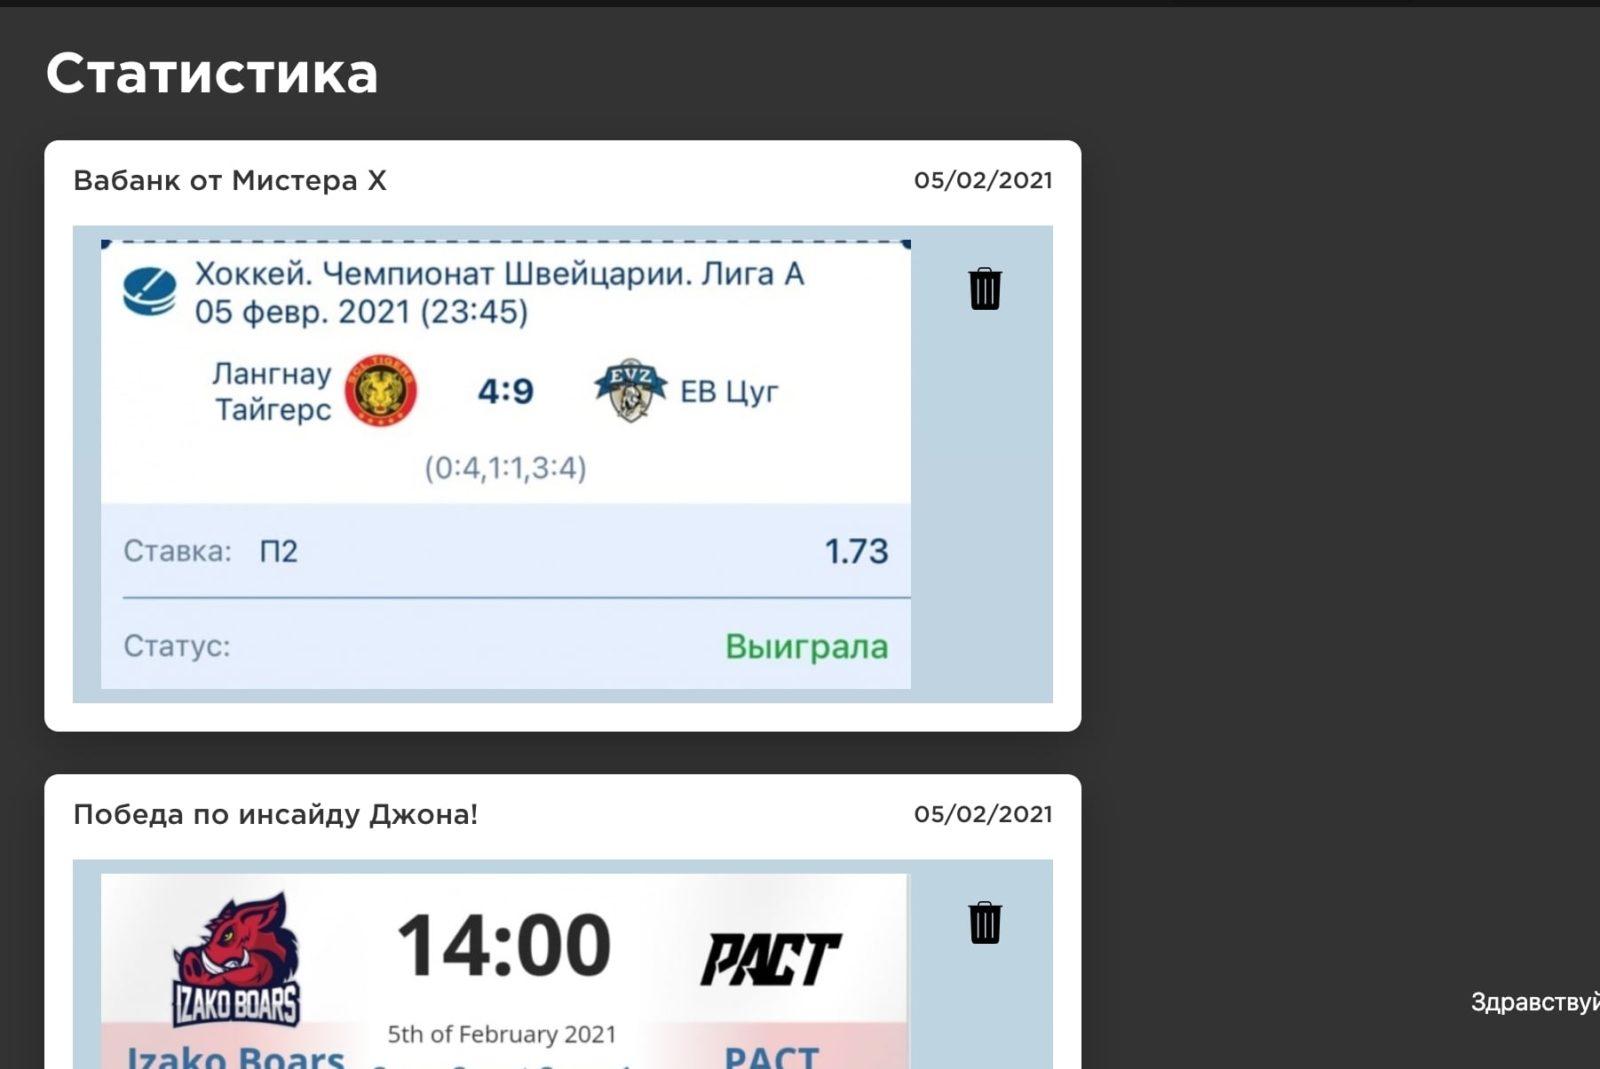 Прогнозы на сайта Fuckbet ru (Факбет ру)